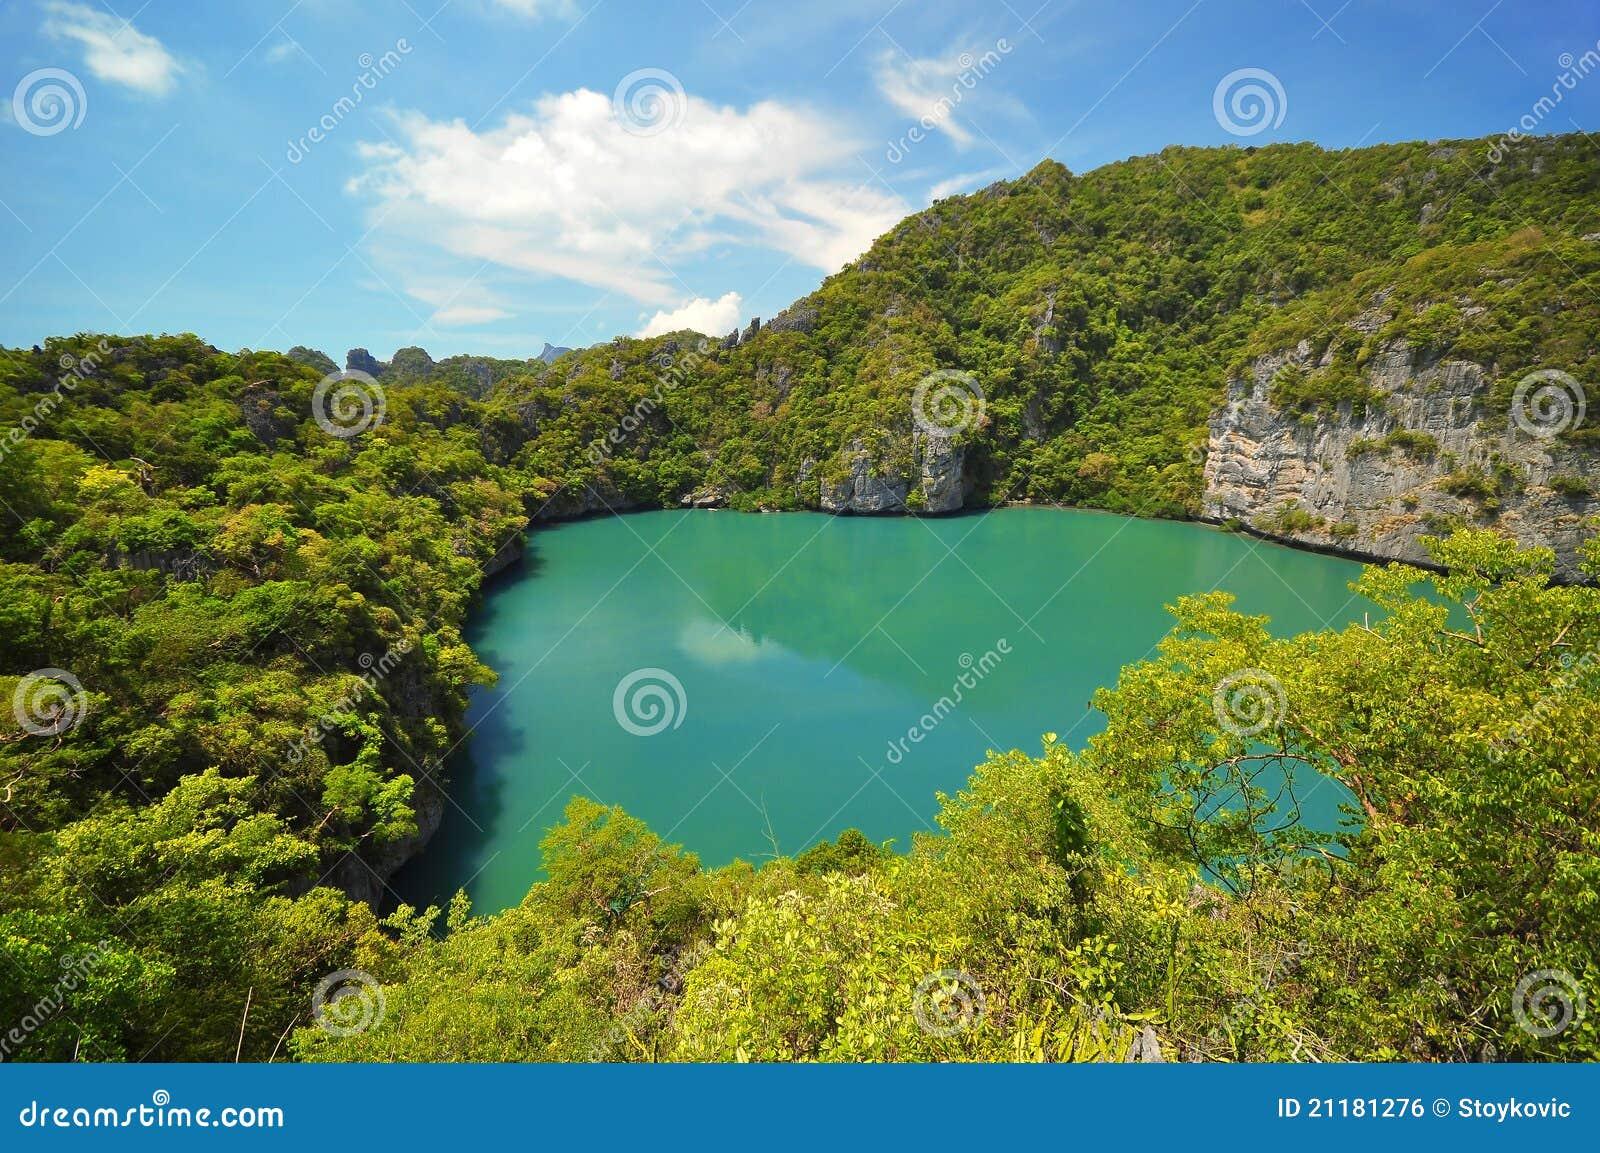 Lagoon in island at Ang Thong Island National Park